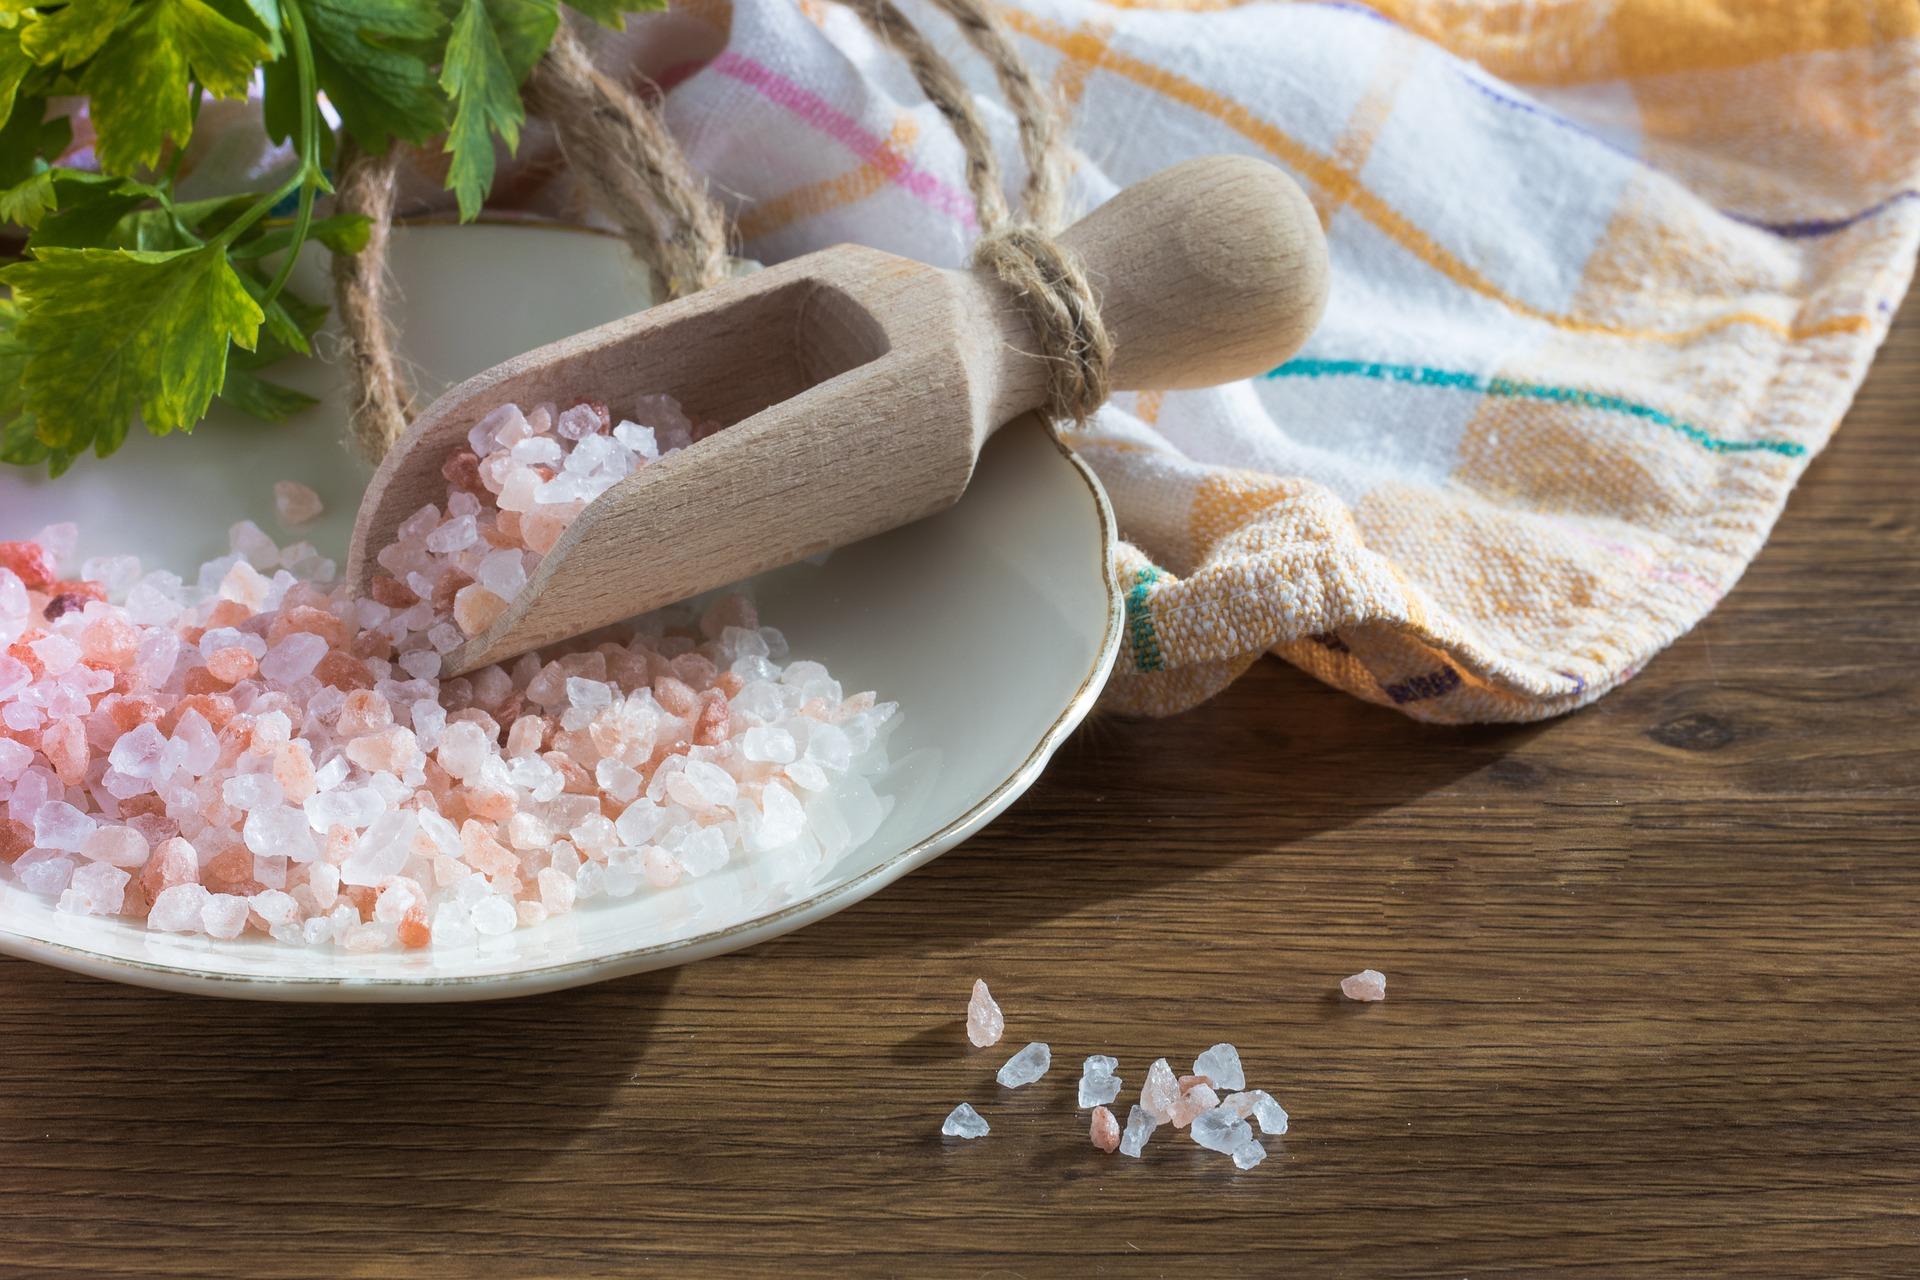 Cosa mangiare senza sale